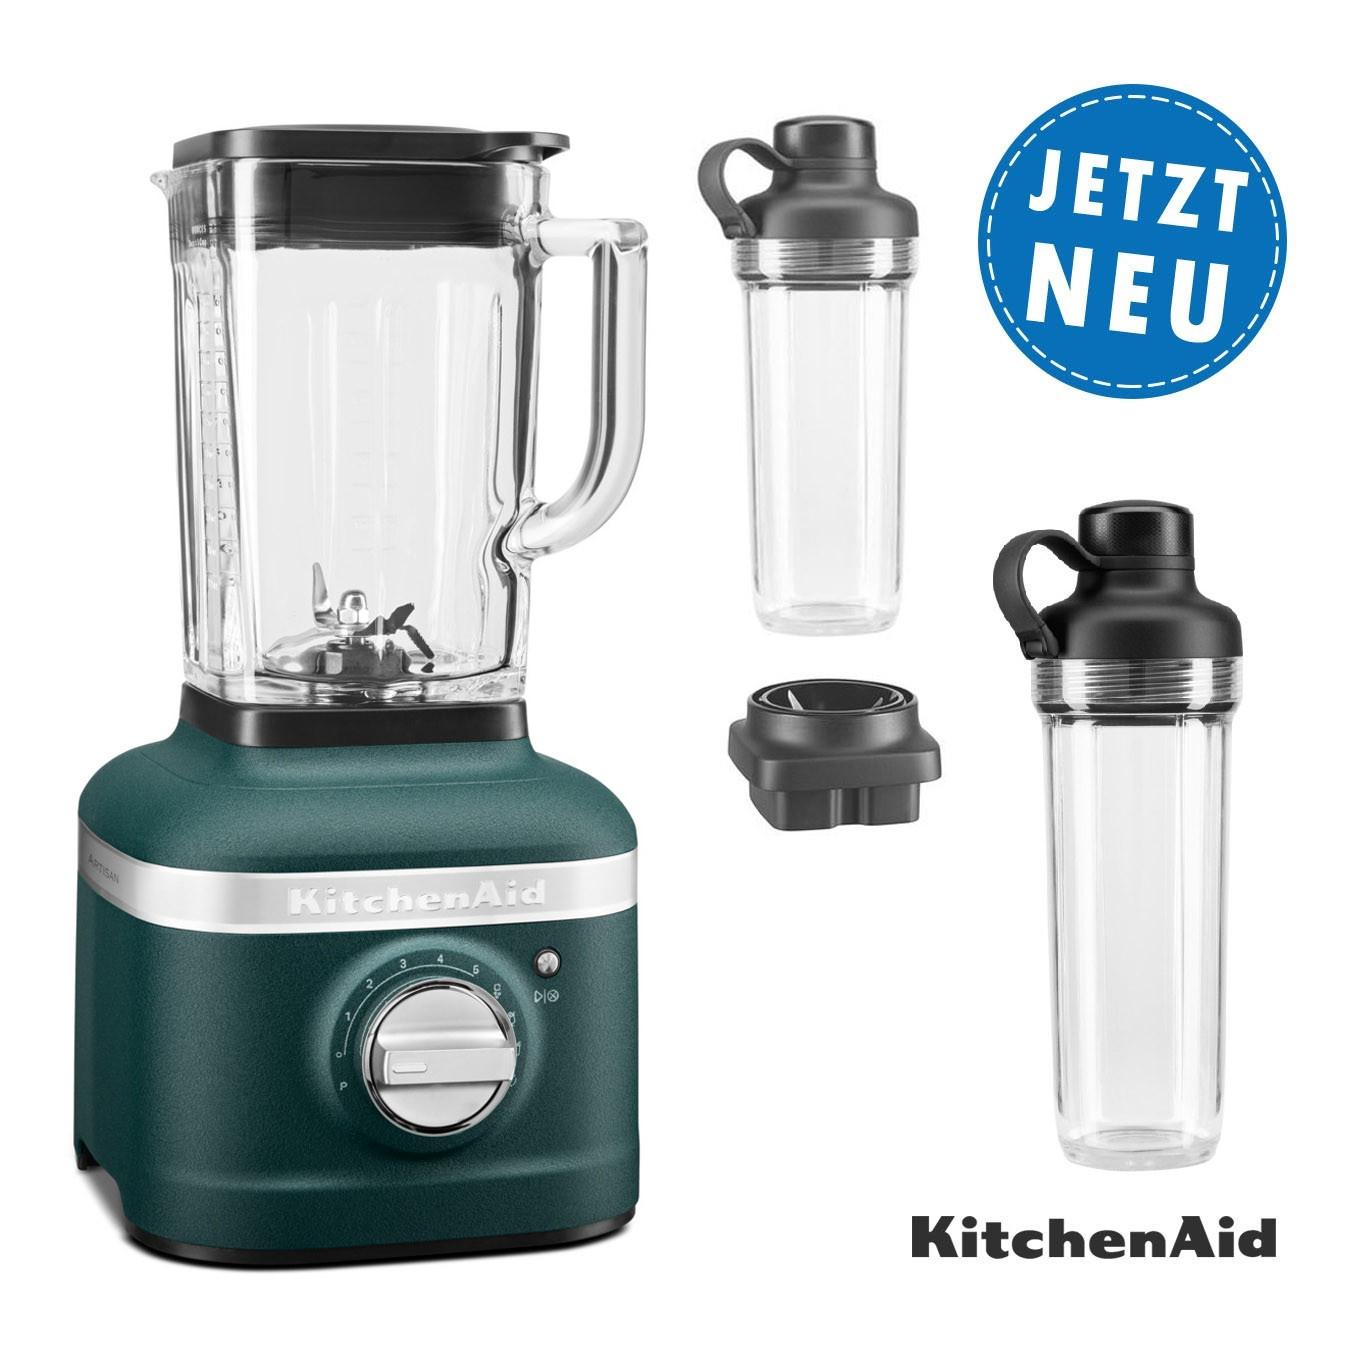 KitchenAid ARTISAN K400 Standmixer 5KSB4026 palmenstrand mit 2xTo-Go-Behälter und Klingen